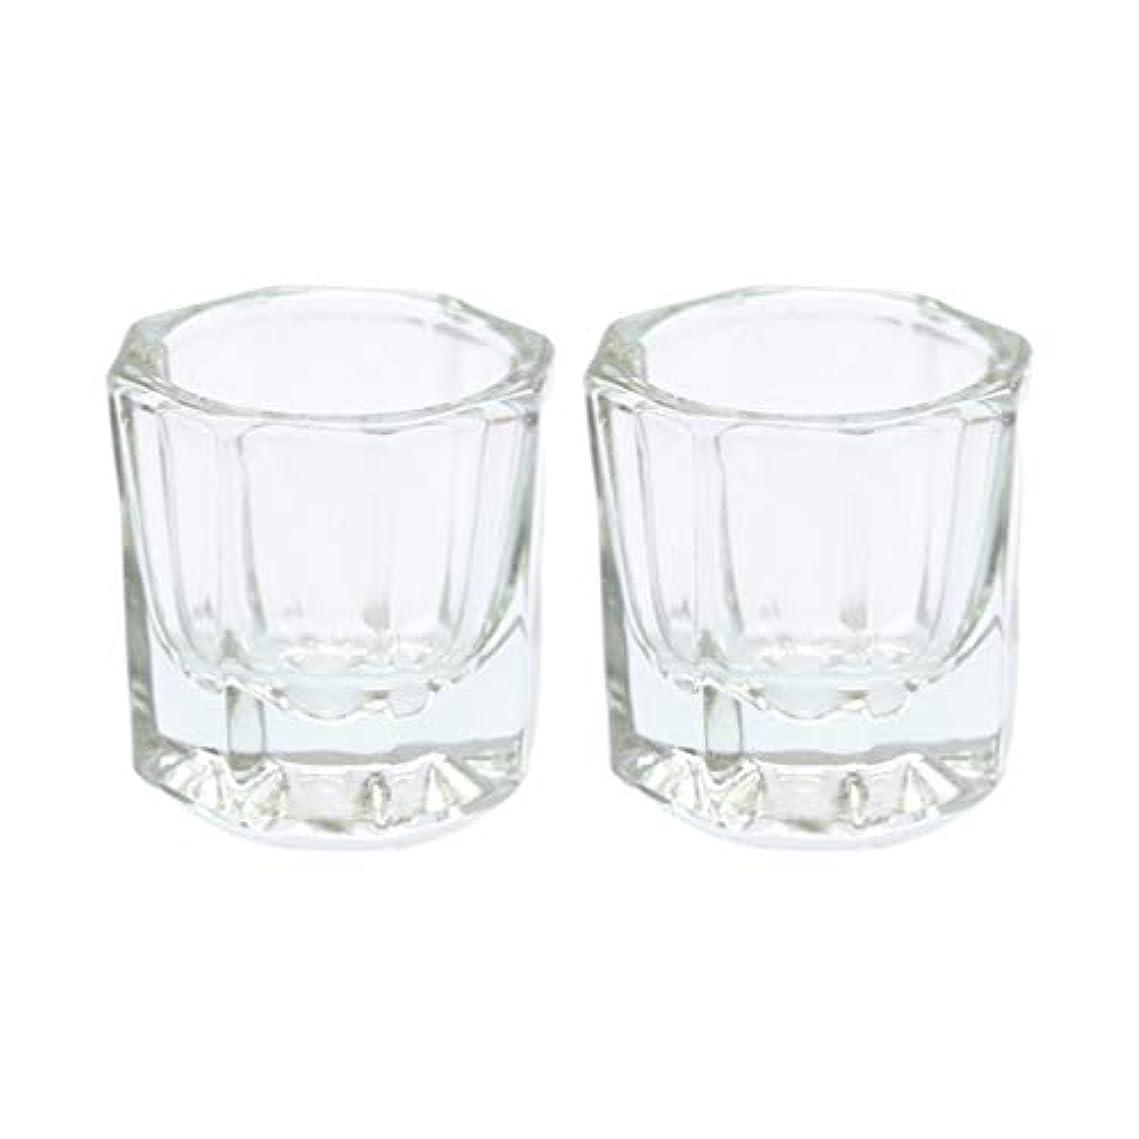 ガイドライン願う印象Lurrose 2ピースガラスクリスタルダッペン皿ネイルアートアクリル液体粉末ダッペン皿ネイルアートツール